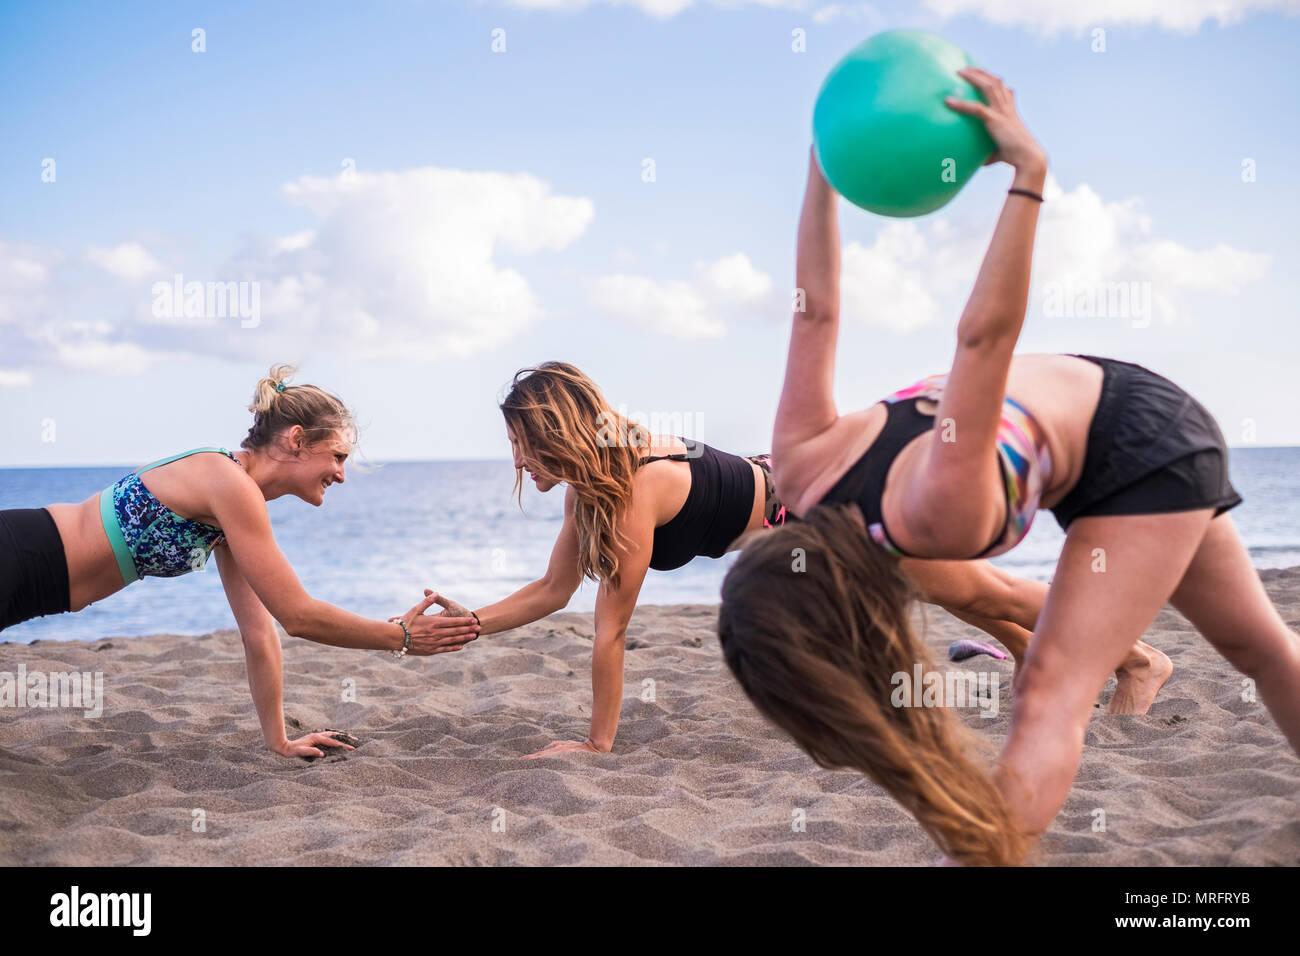 Groupe de femelles personnes caucasian trois belles femmes faisant du yoga et de remise en forme sur le sable à la plage près de l'océan. concept de liberté pour les ac Photo Stock